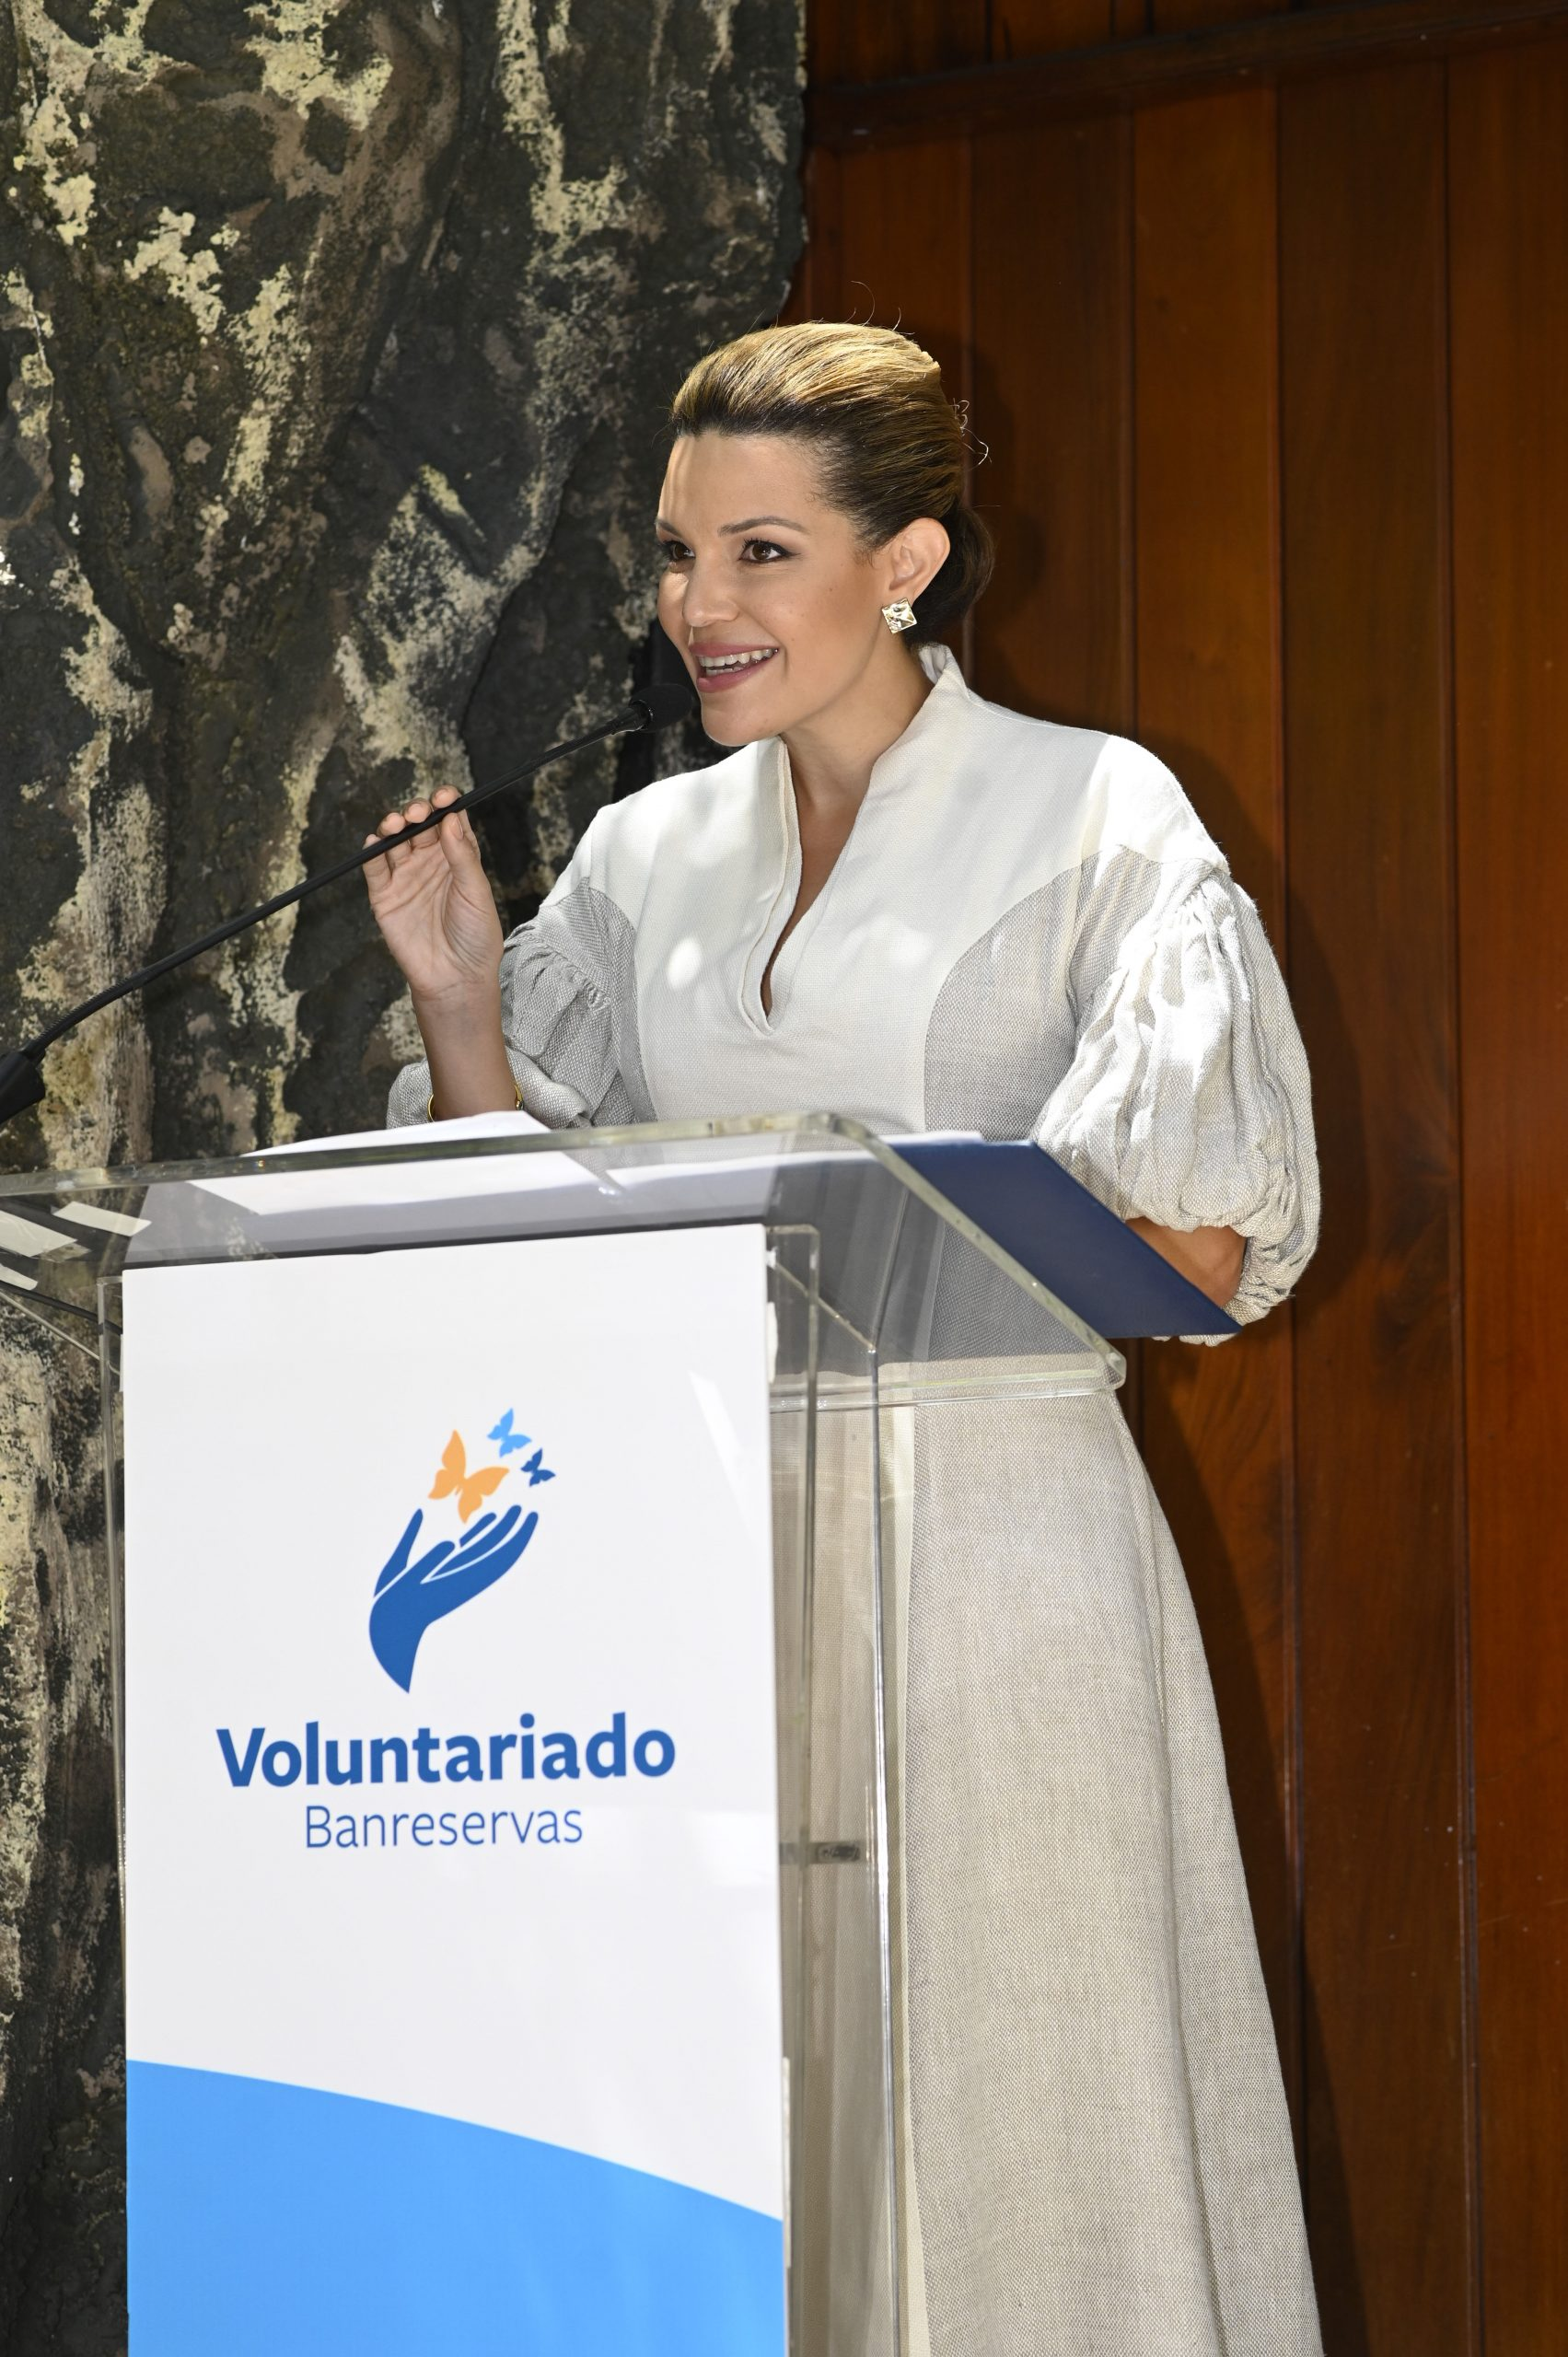 La presidenta del Voluntariado, Noelia García de Pereyra, se dirige al público que asistió a la inauguración de la exposición de Arte Sacro.